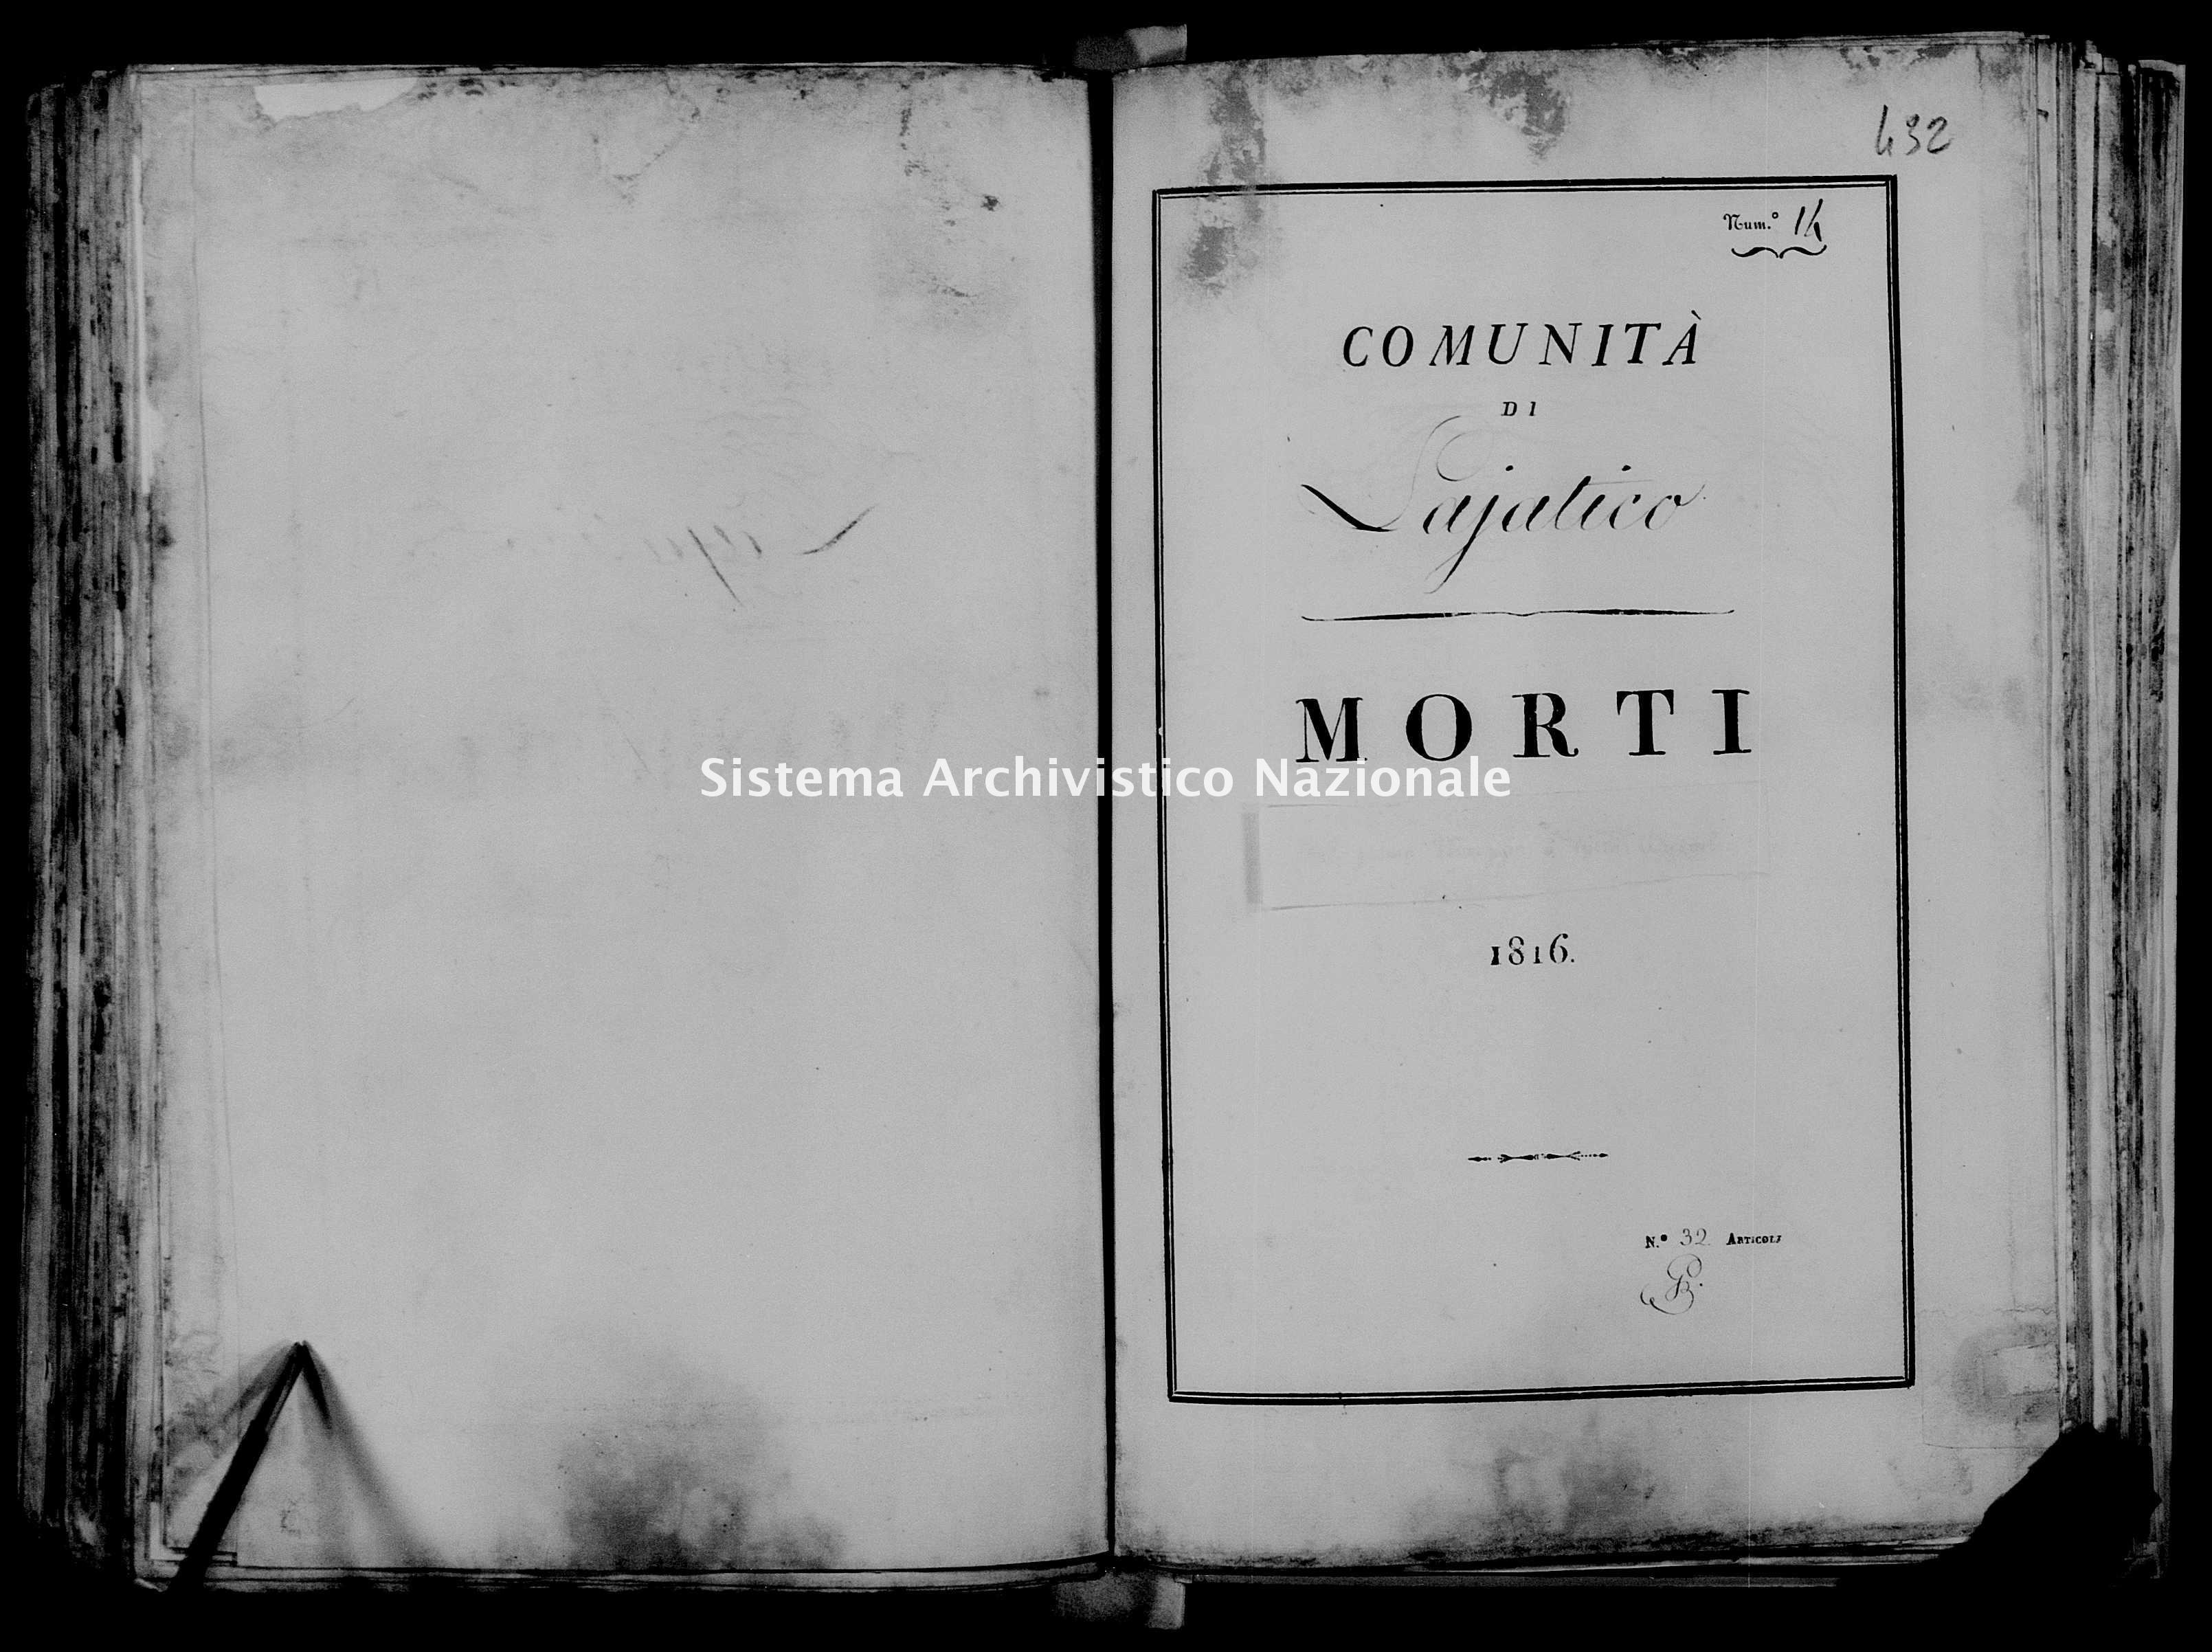 Archivio di stato di Firenze - Stato civile di Toscana (1808-1865) - Lajatico - Morti - 1816 - 37 -